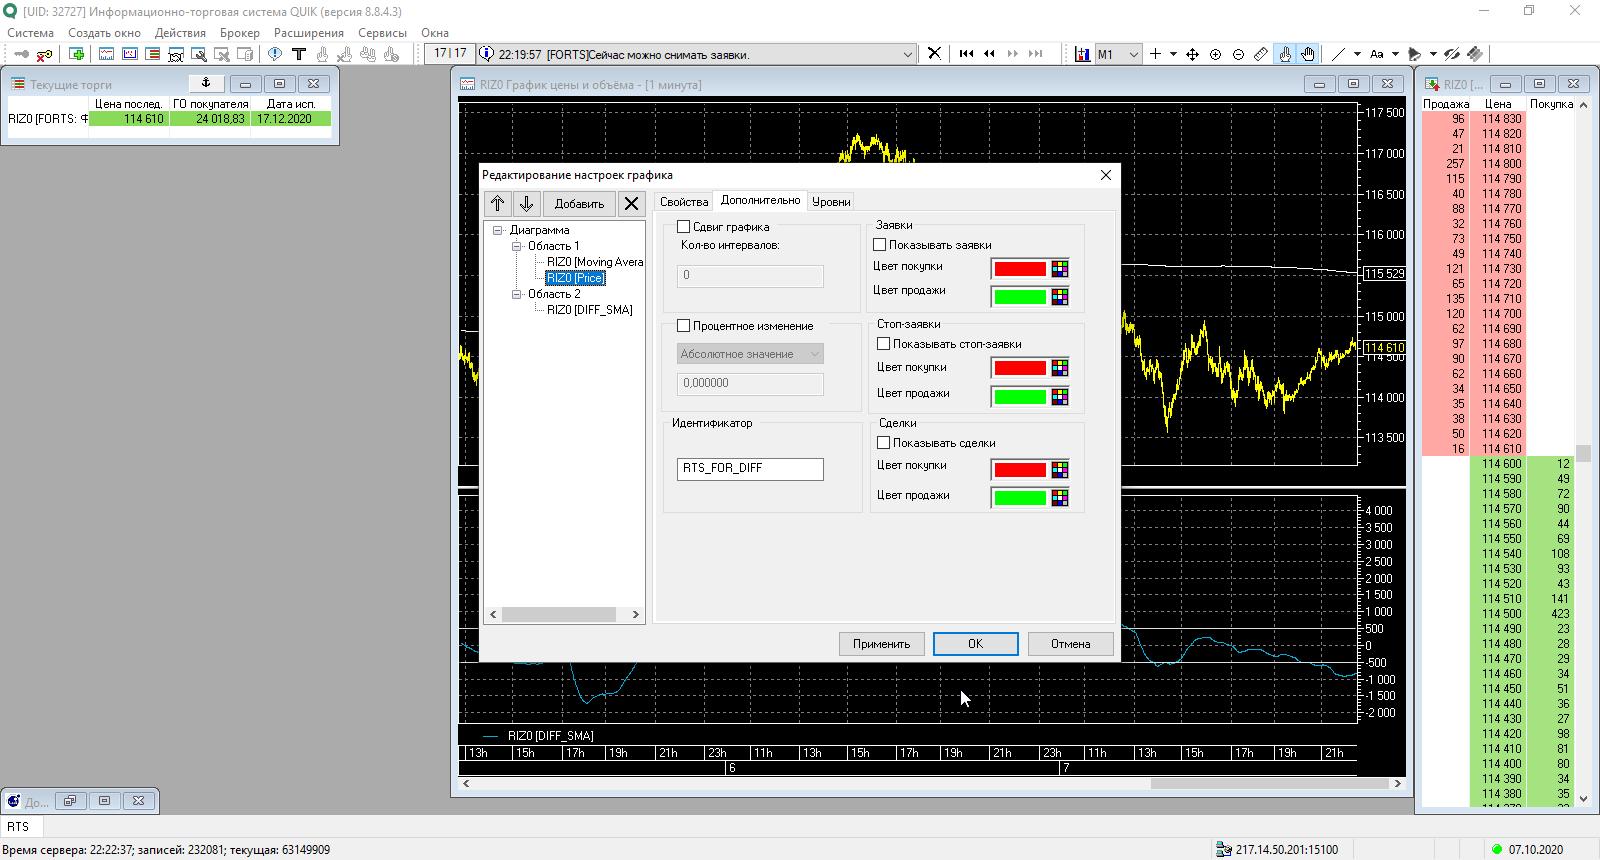 QUIK LUA идентификатор графика цены